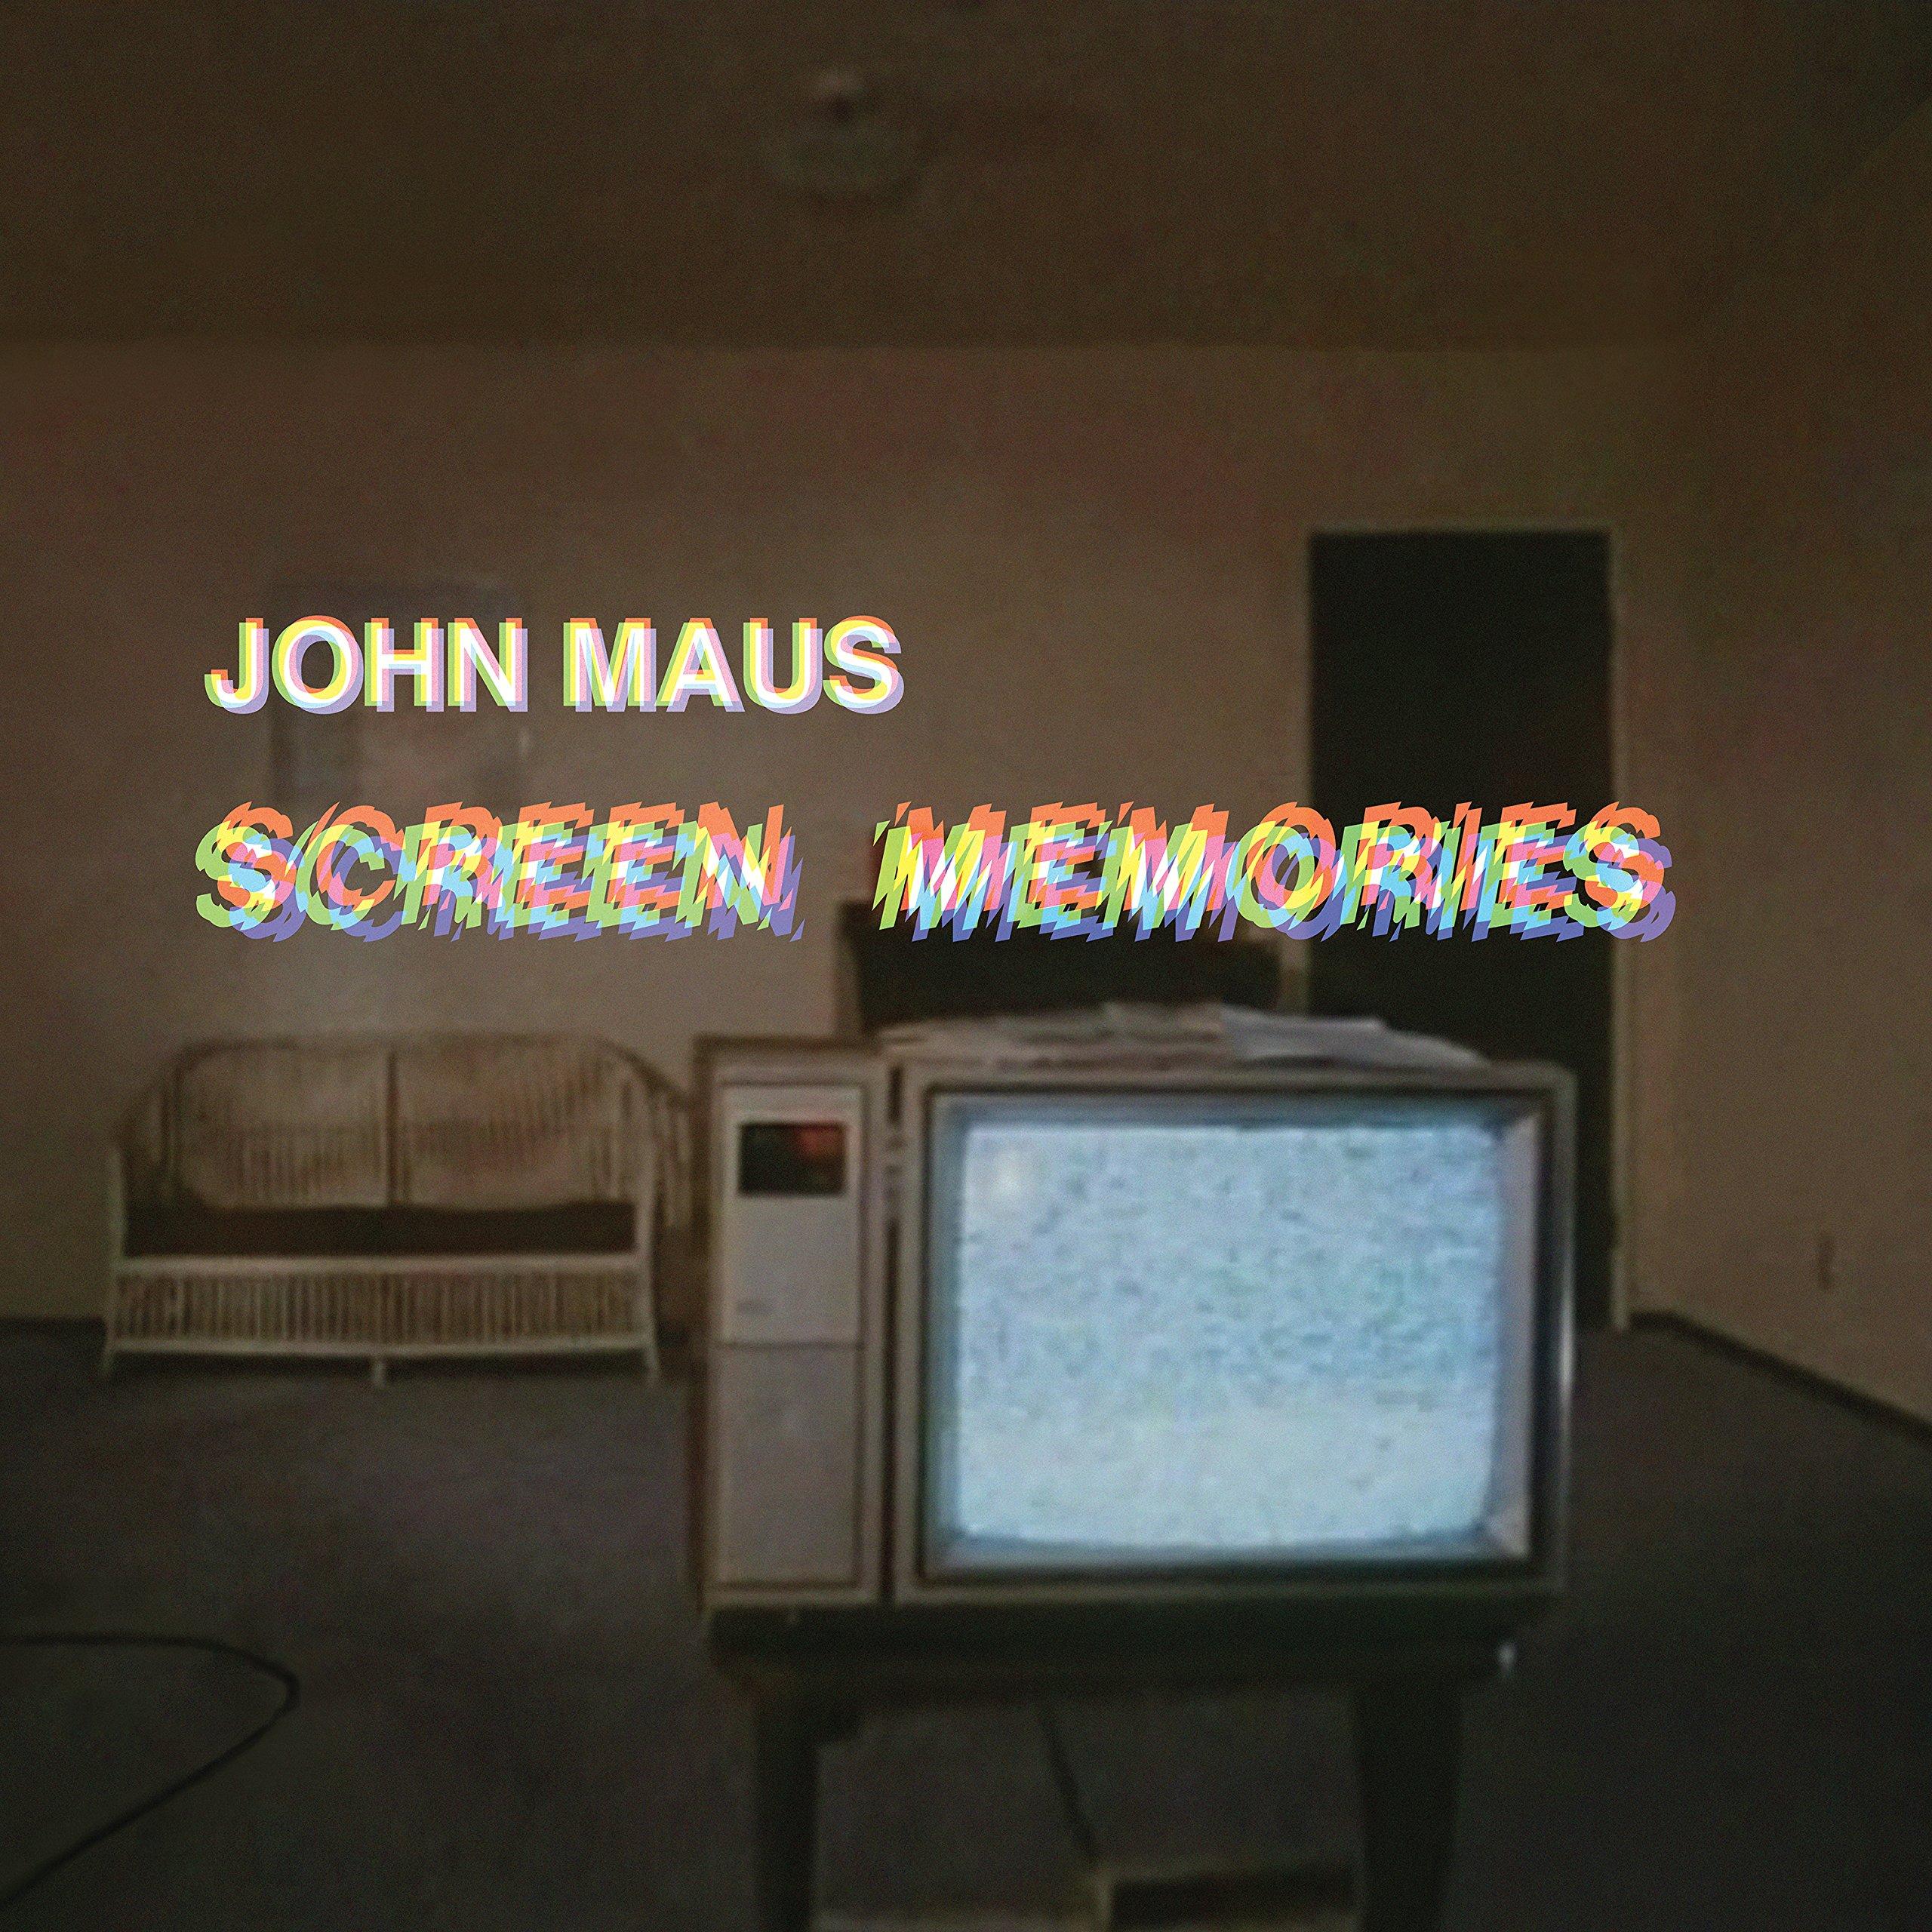 John Maus - Screen Memories (Digital Download Card)